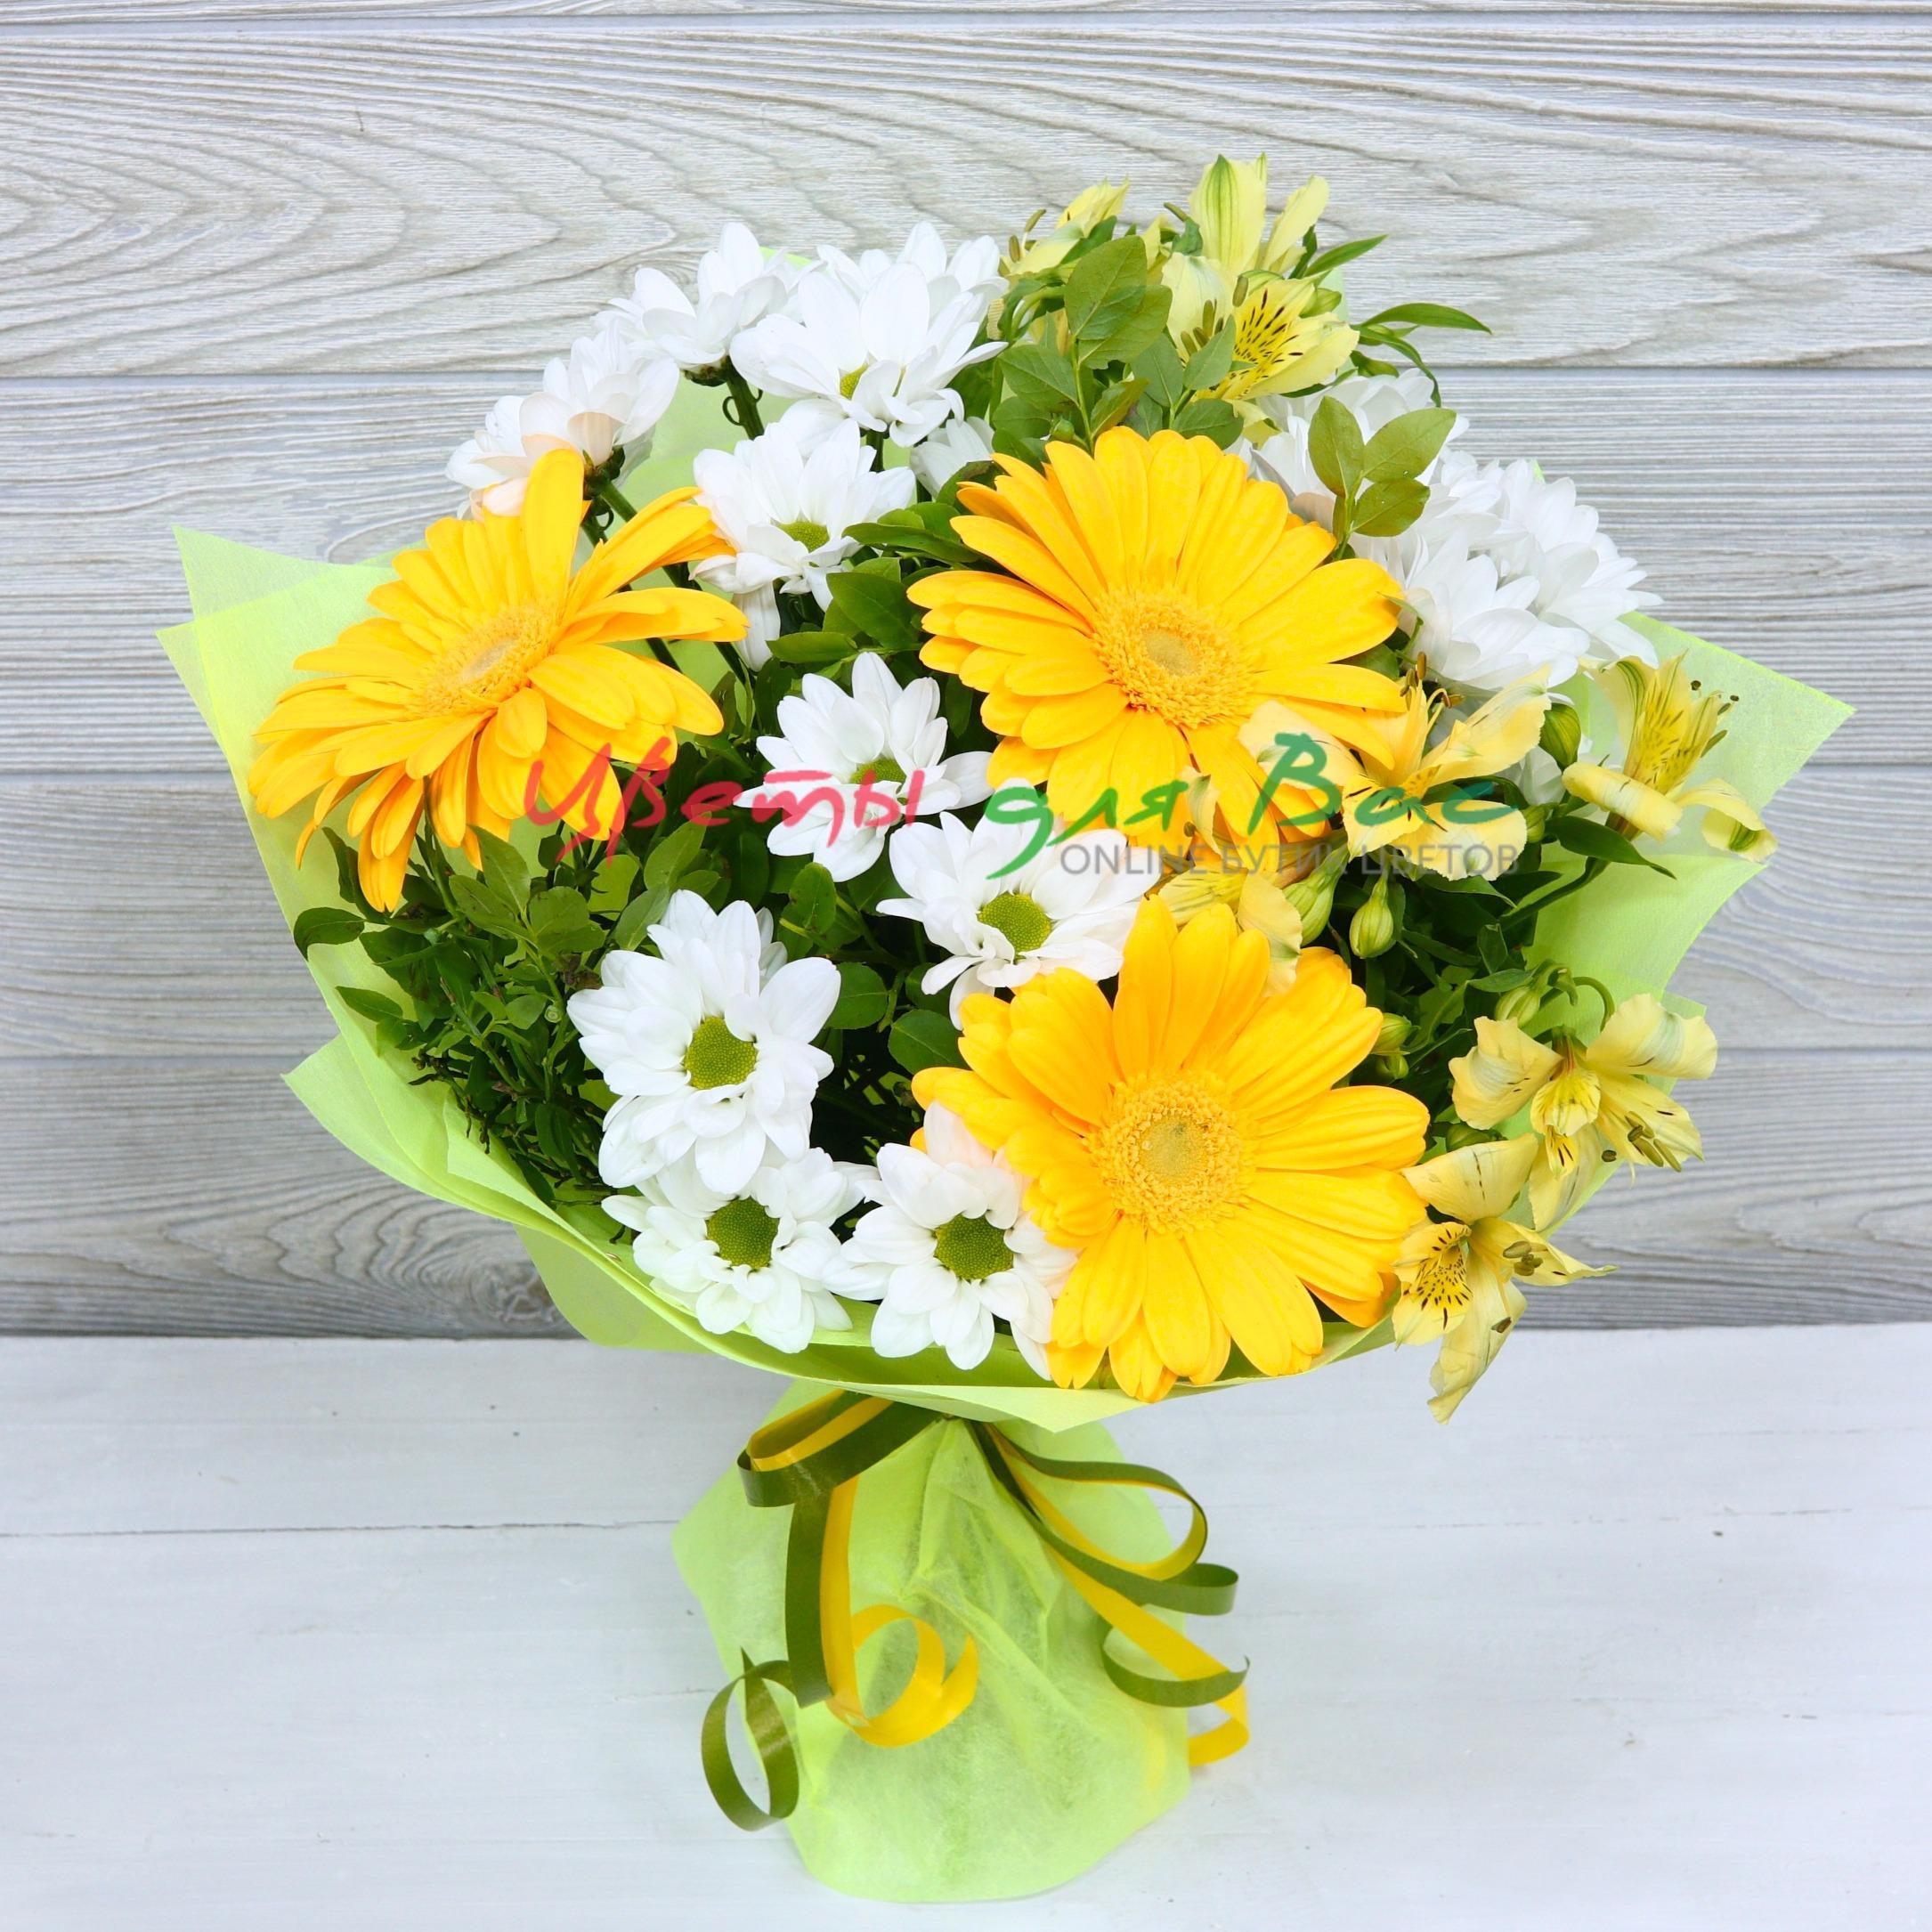 Свадебный букет, букет из желтых хризантем с герберами